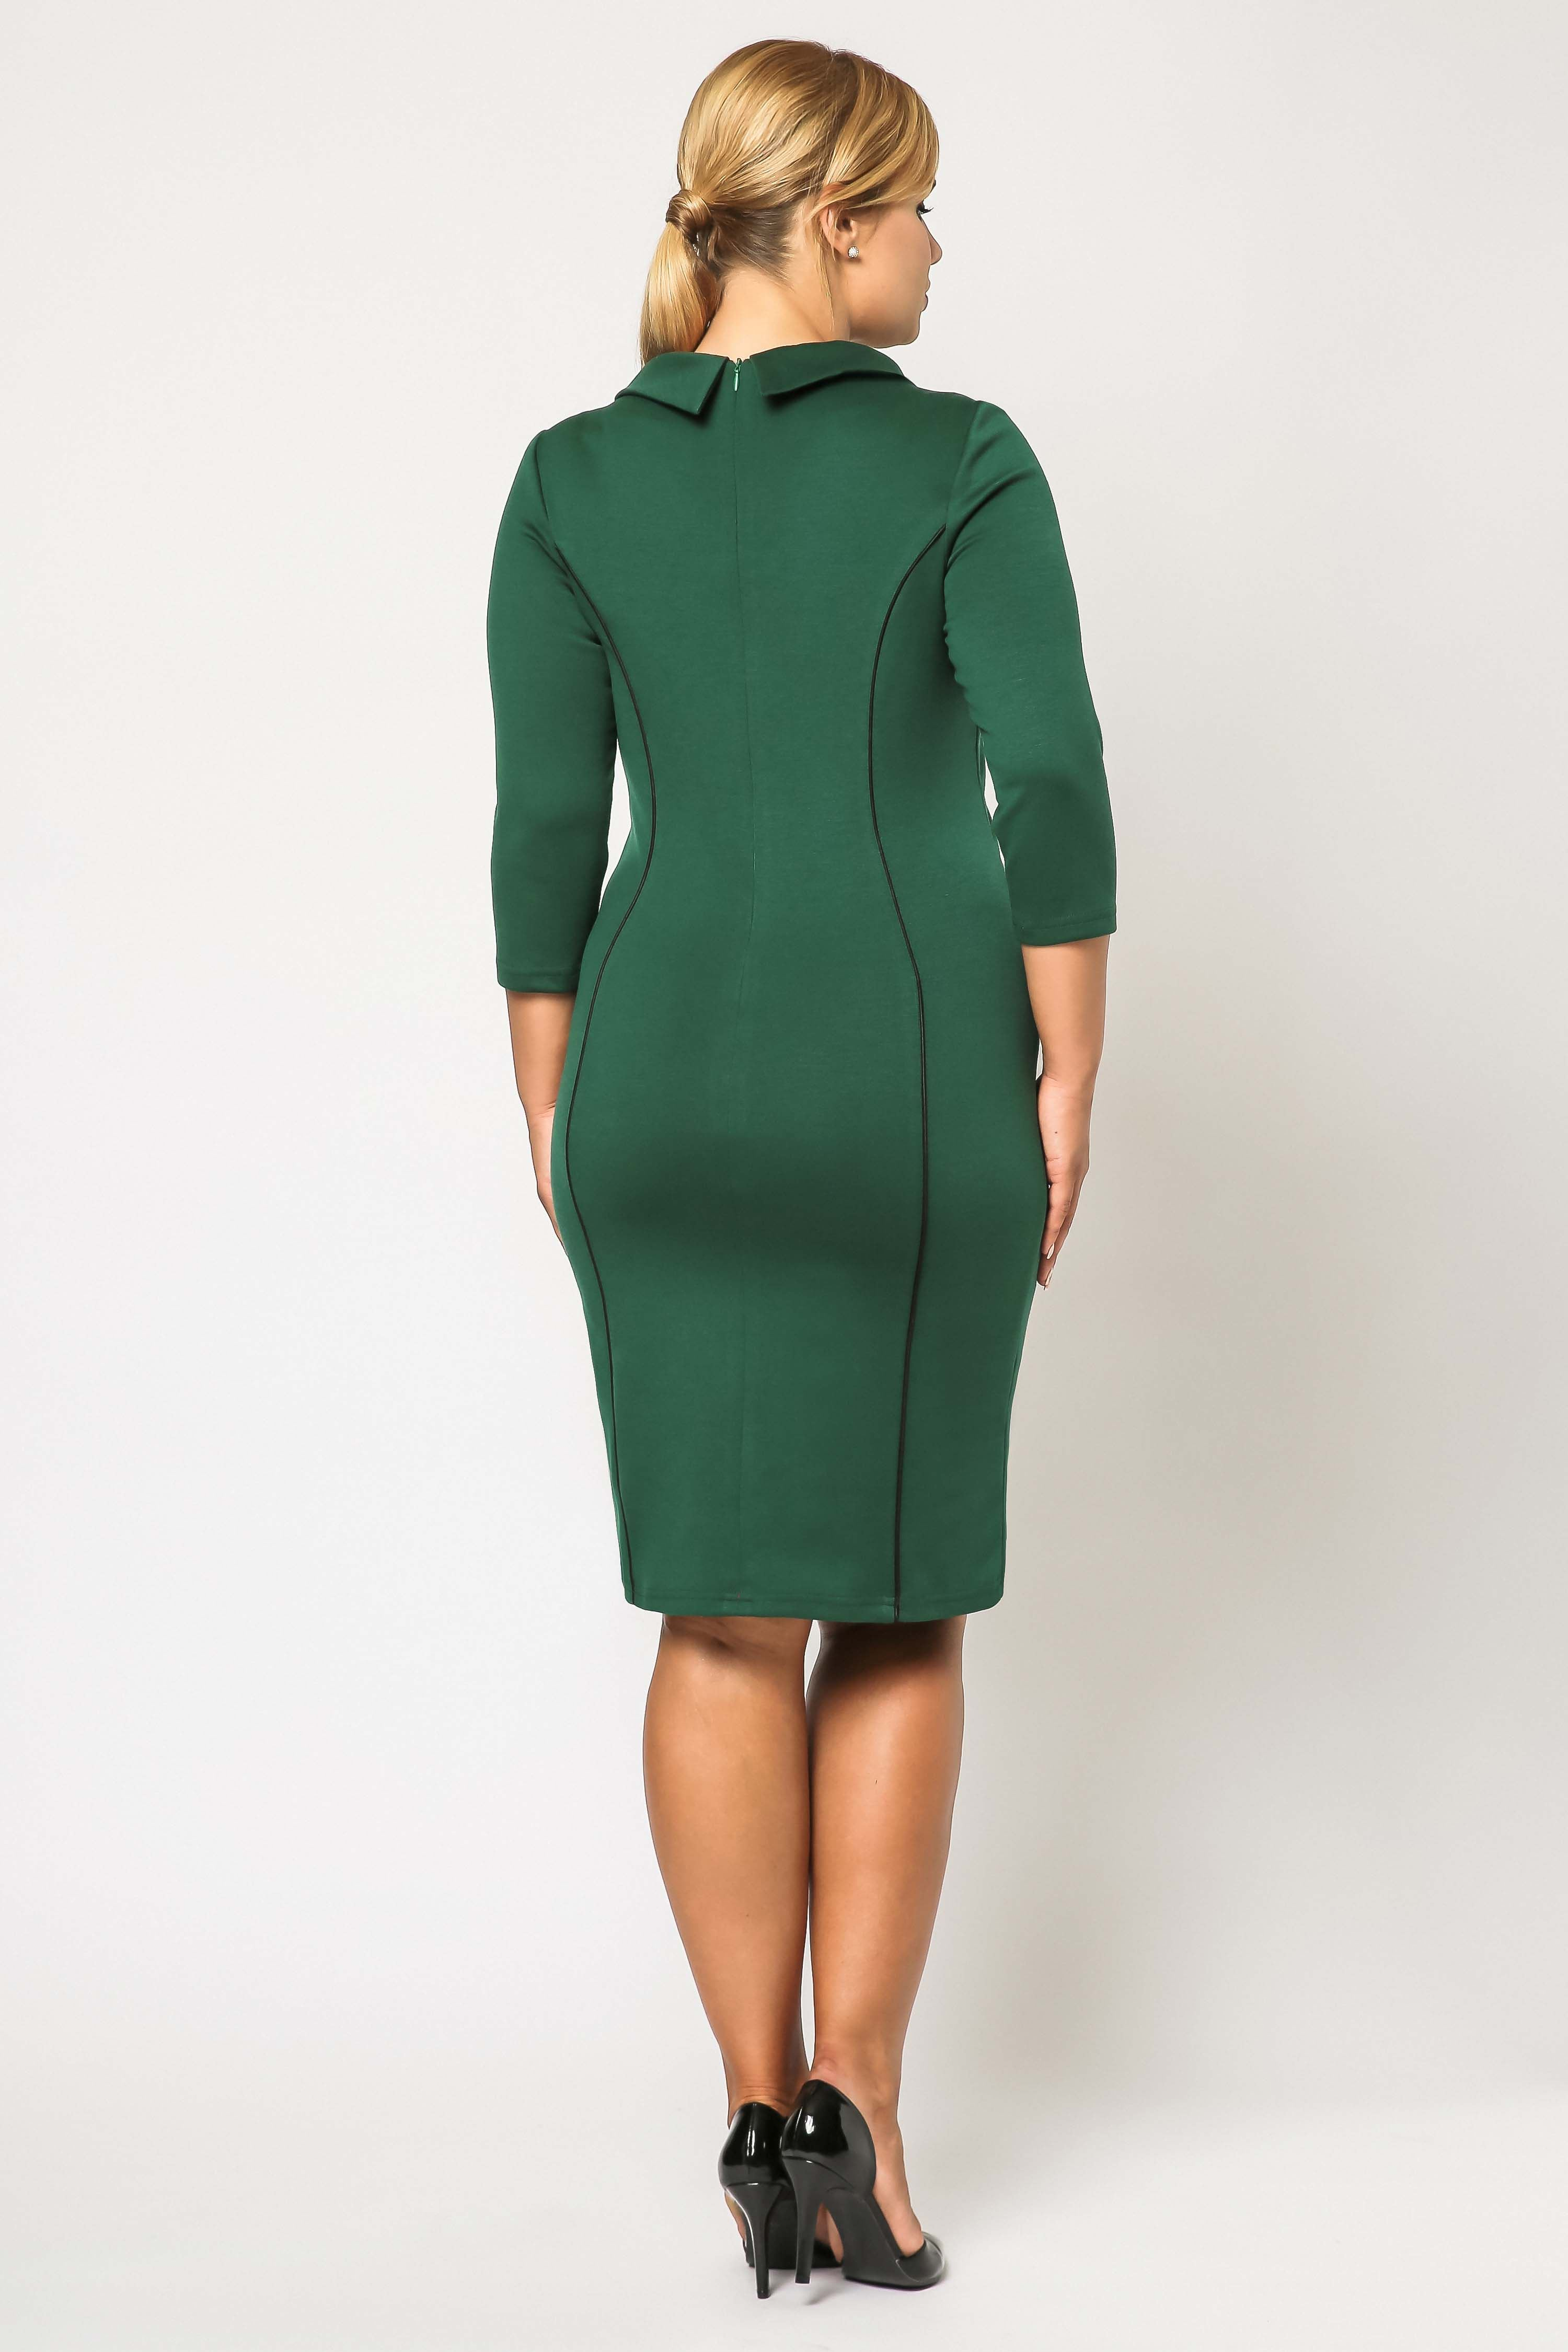 Pauline dress in green